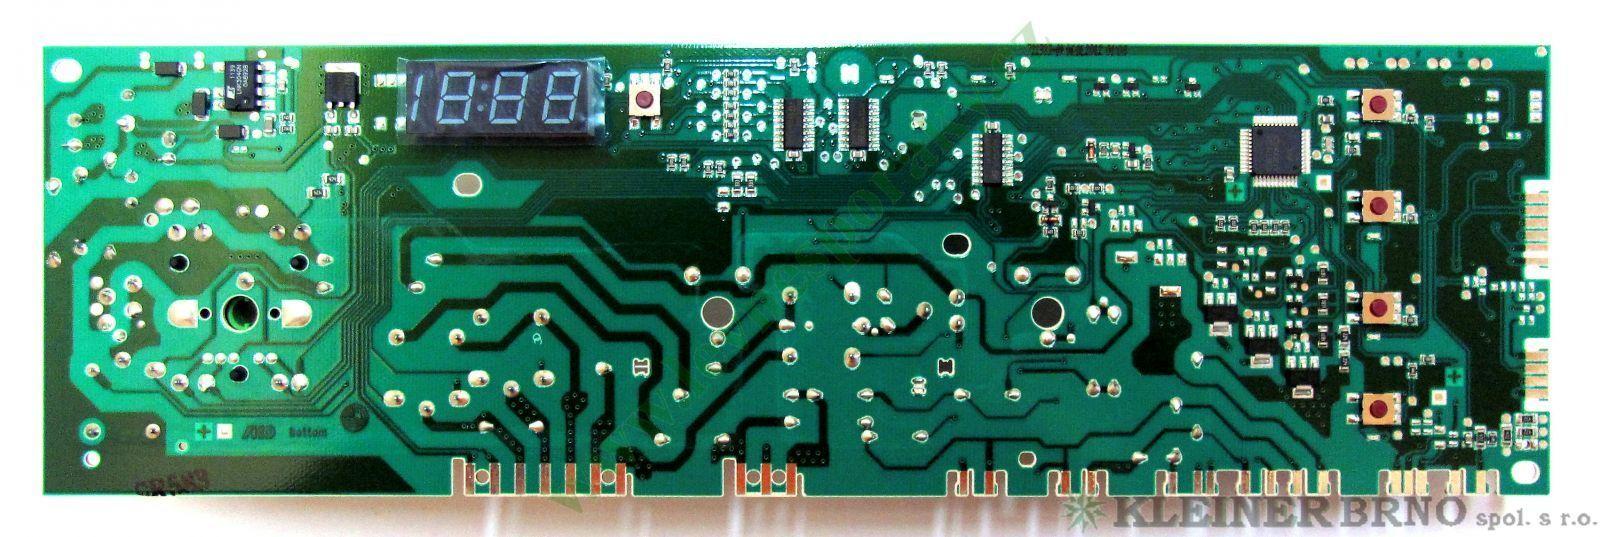 Elektronický modul praček Gorenje - 279380 Gorenje / Mora